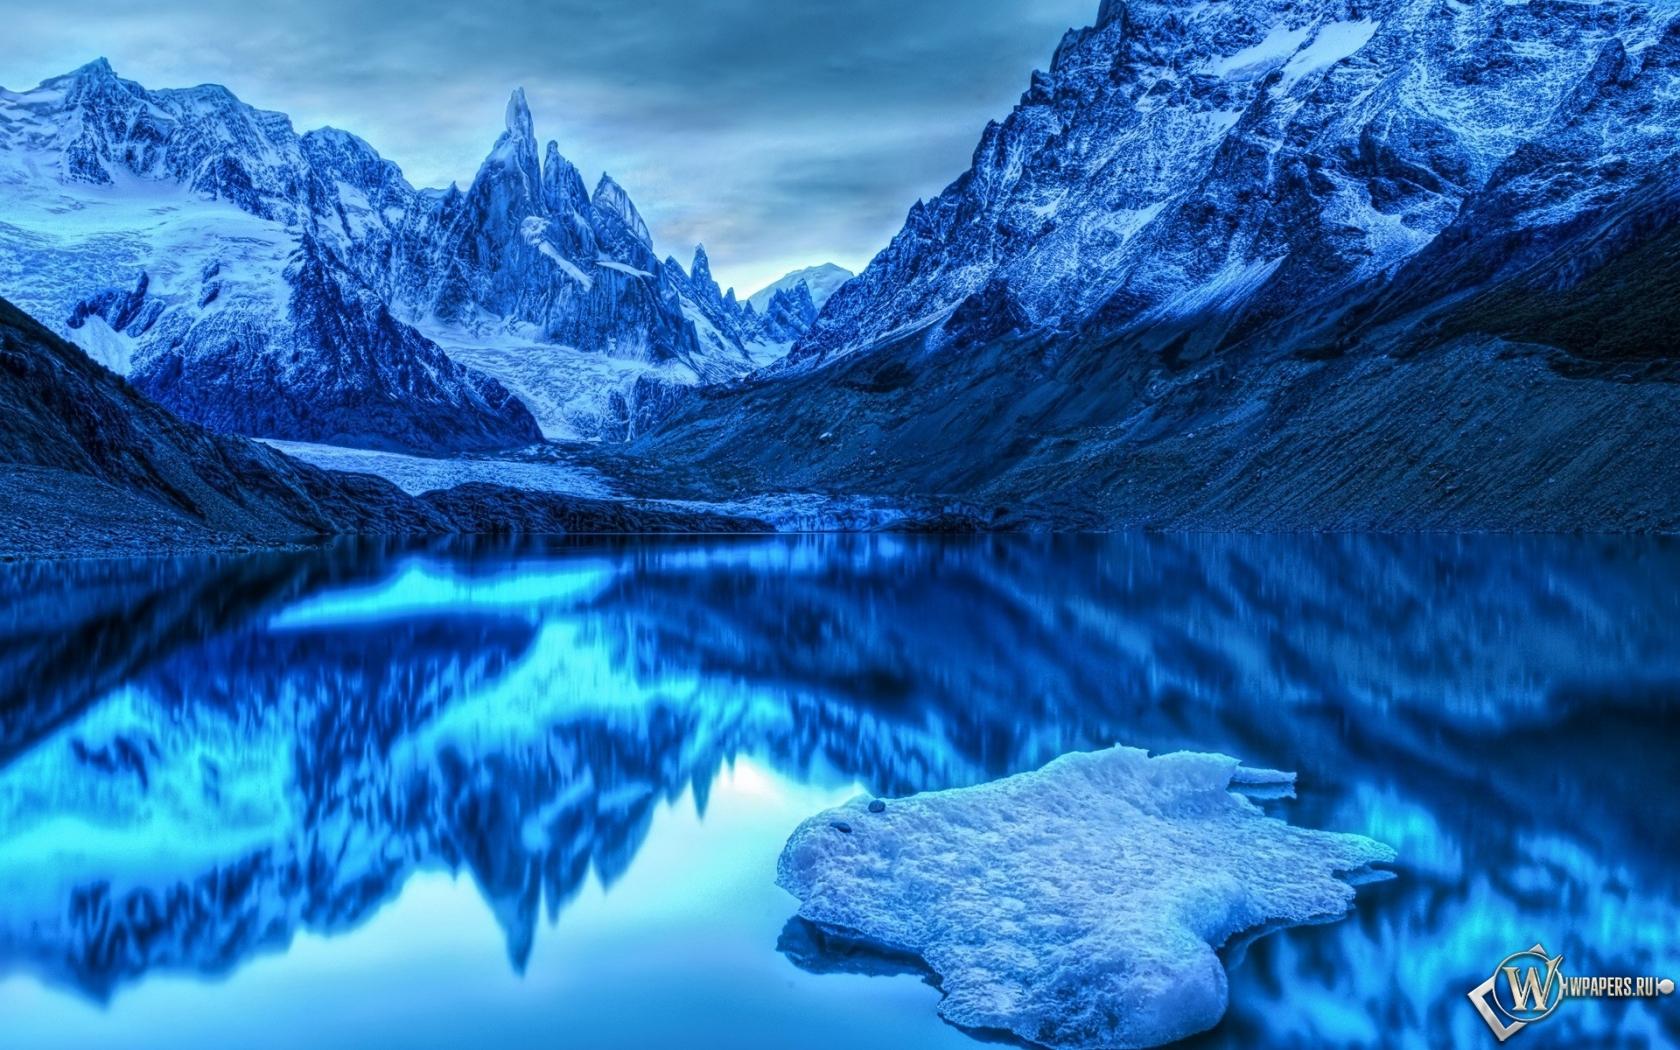 Обои холодное озеро на рабочий стол с